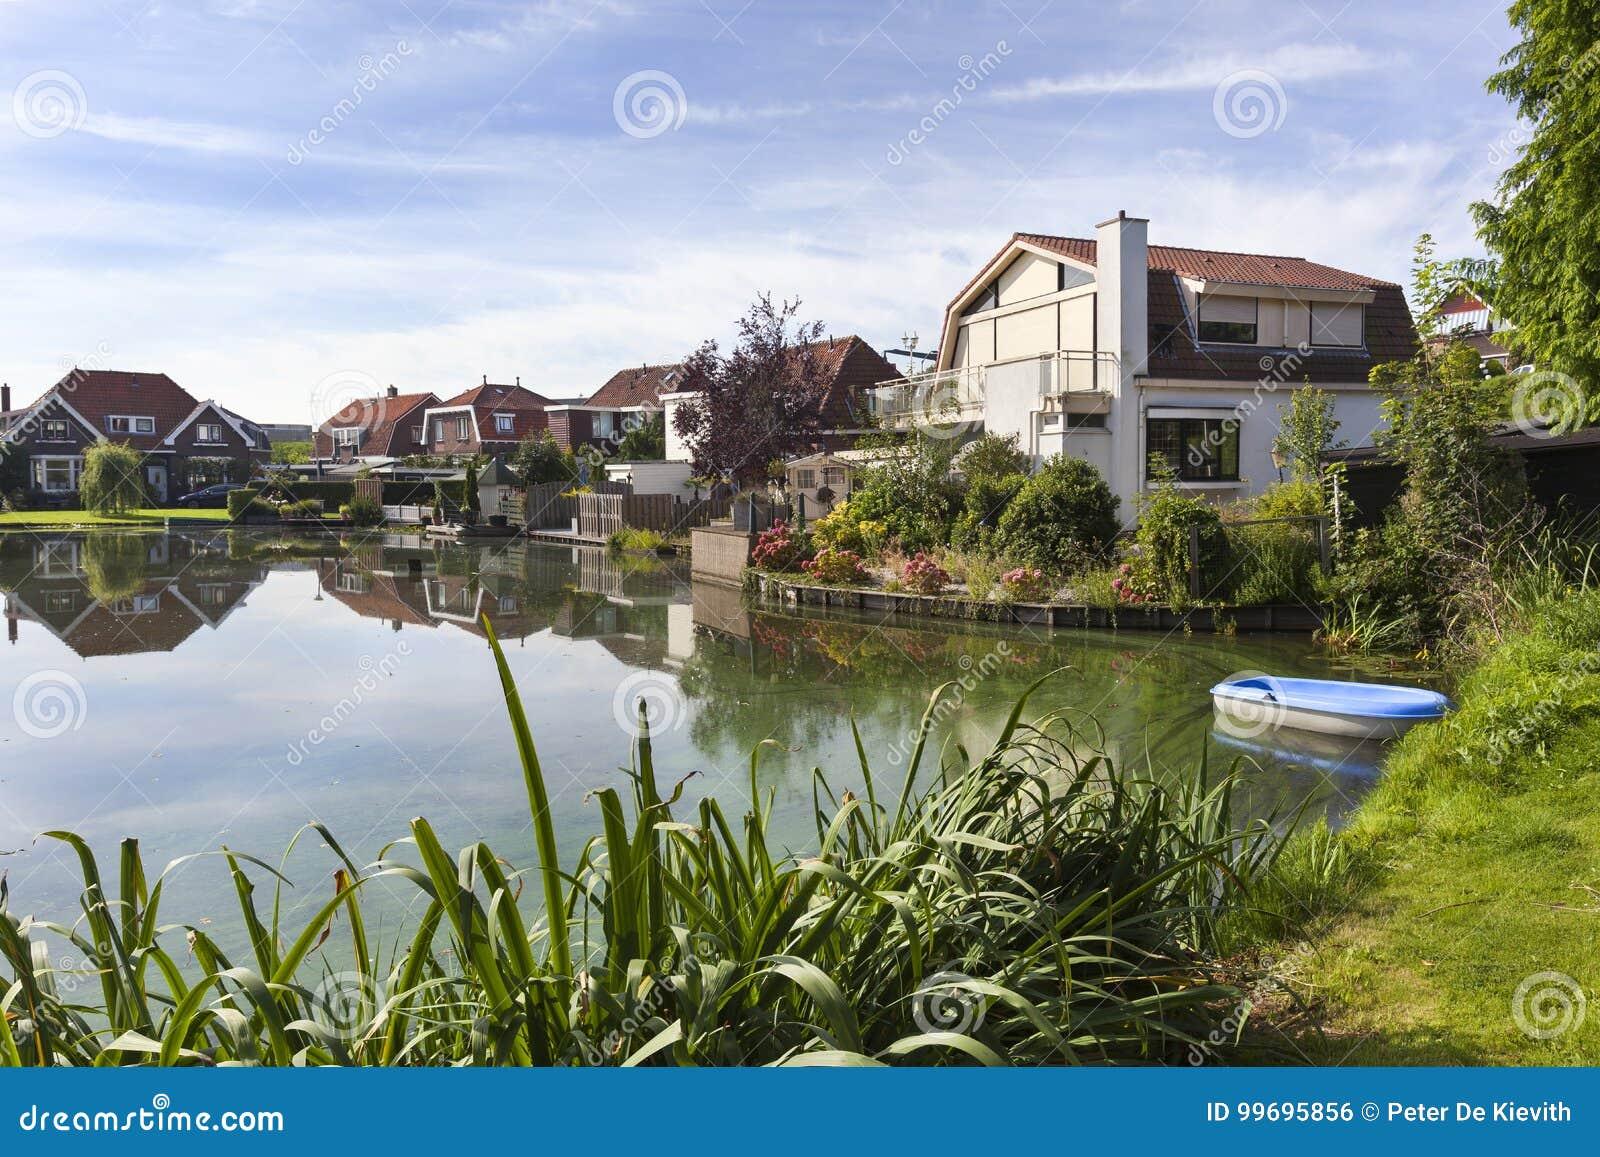 Traditionelle Häuser um einen Teich in den Niederlanden